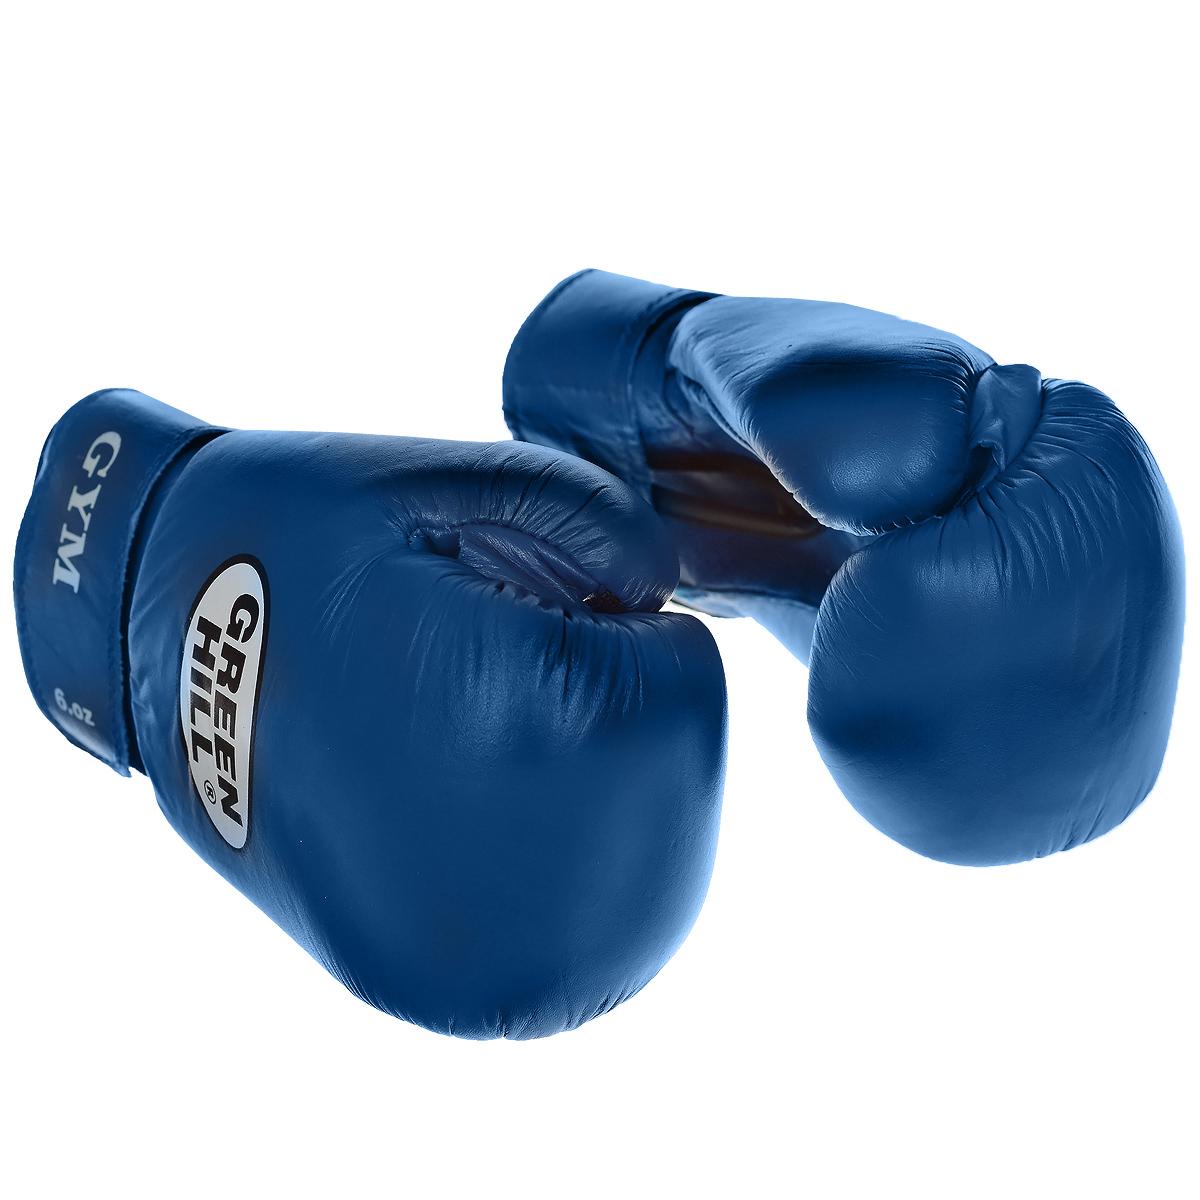 Перчатки боксерские Green Hill Gym, цвет: синий. Вес 8 унцийBGG-2018Боксерские перчатки Green Hill Gym специально разработаны для тренировочных спаррингов. Верх выполнен из натуральной кожи, наполнитель - из предварительно сформированного пенополиуретана. Перфорированная поверхность в области ладони позволяет создать максимально комфортный терморежим во время занятий. Широкий ремень, охватывая запястье, полностью оборачивается вокруг манжеты, благодаря чему создается дополнительная защита лучезапястного сустава от травмирования. Застежка на липучке способствует быстрому и удобному одеванию перчаток, плотно фиксирует перчатки на руке.